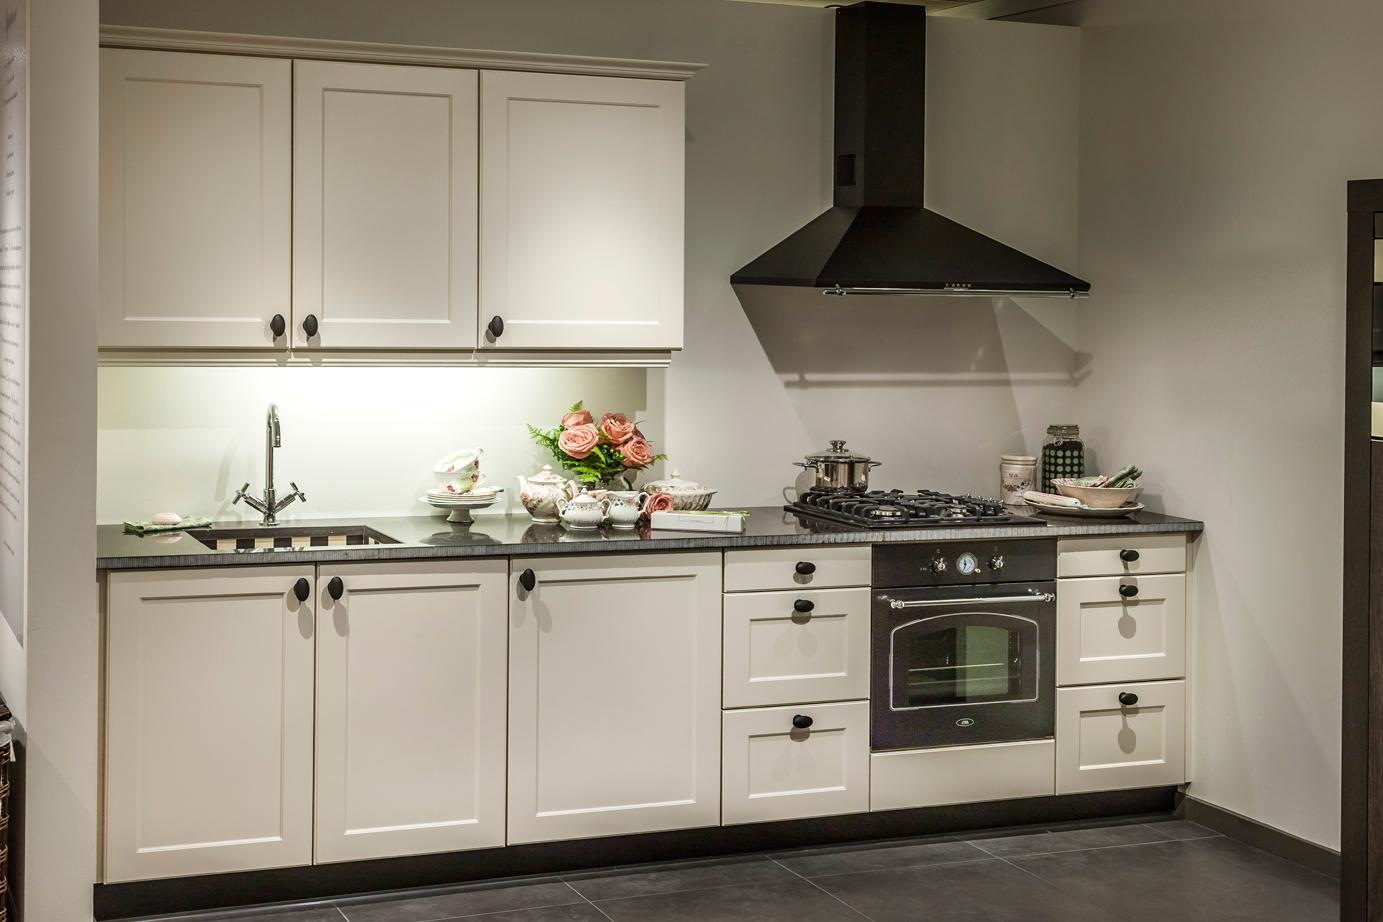 Klassieke keukens Beleef de sfeer en rust van vroeger